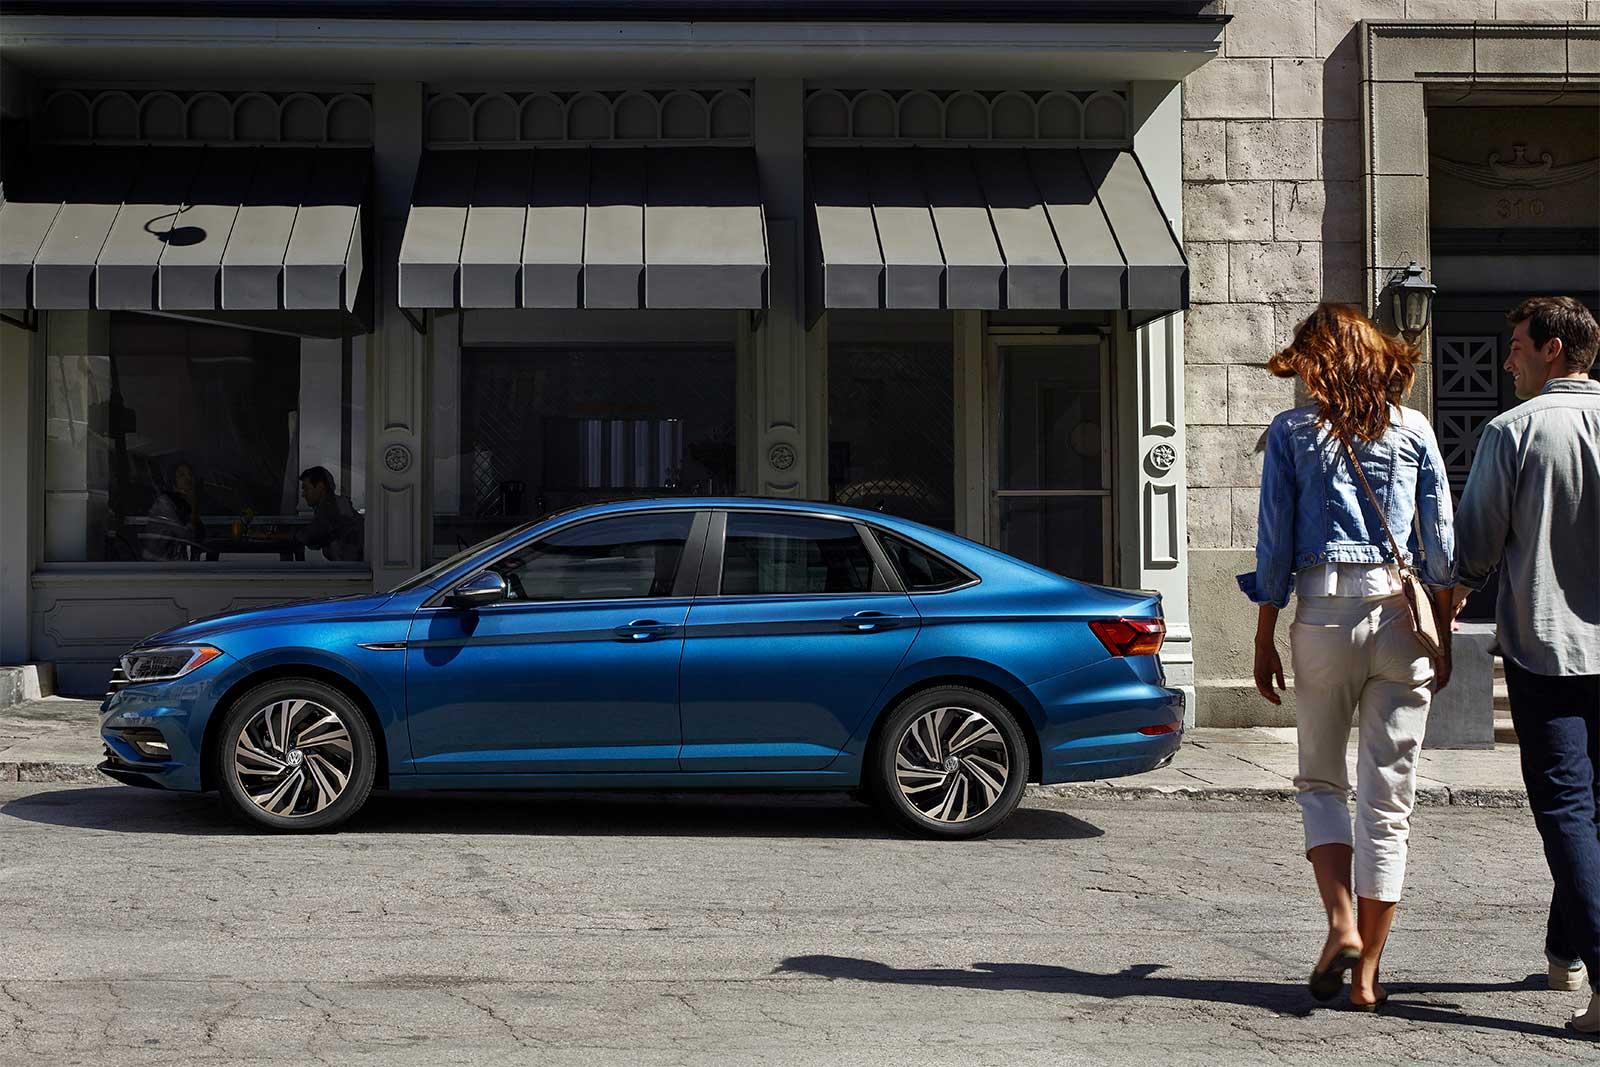 New Volkswagen Jetta Lease Deals Finance Offers Van Nuys Ca